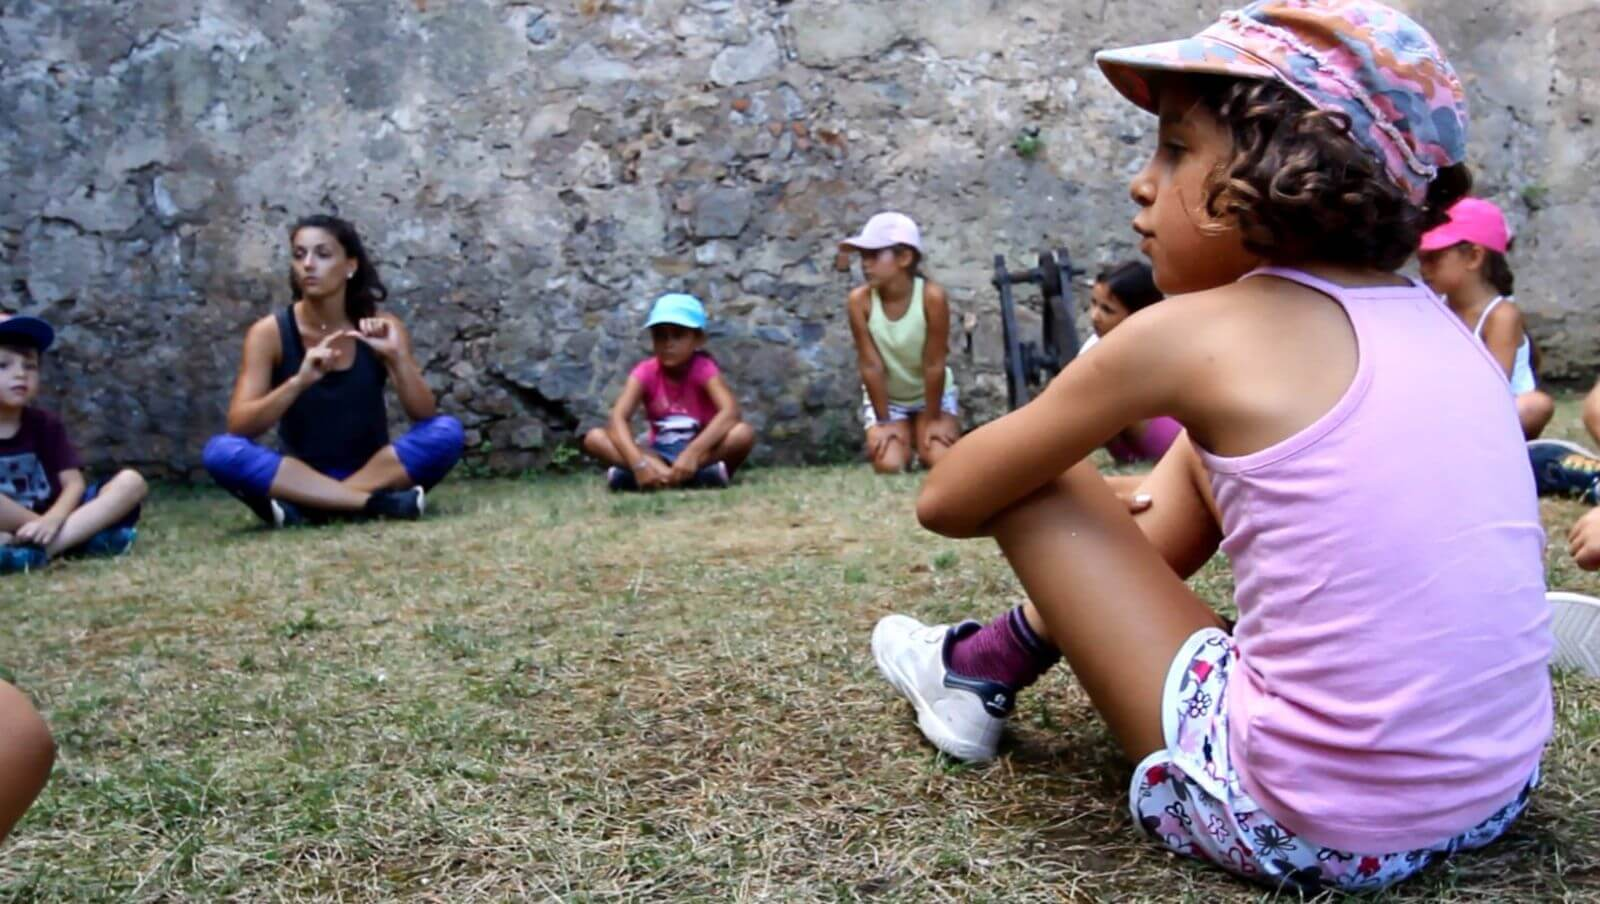 Les enfants, action éducative et pédagogies